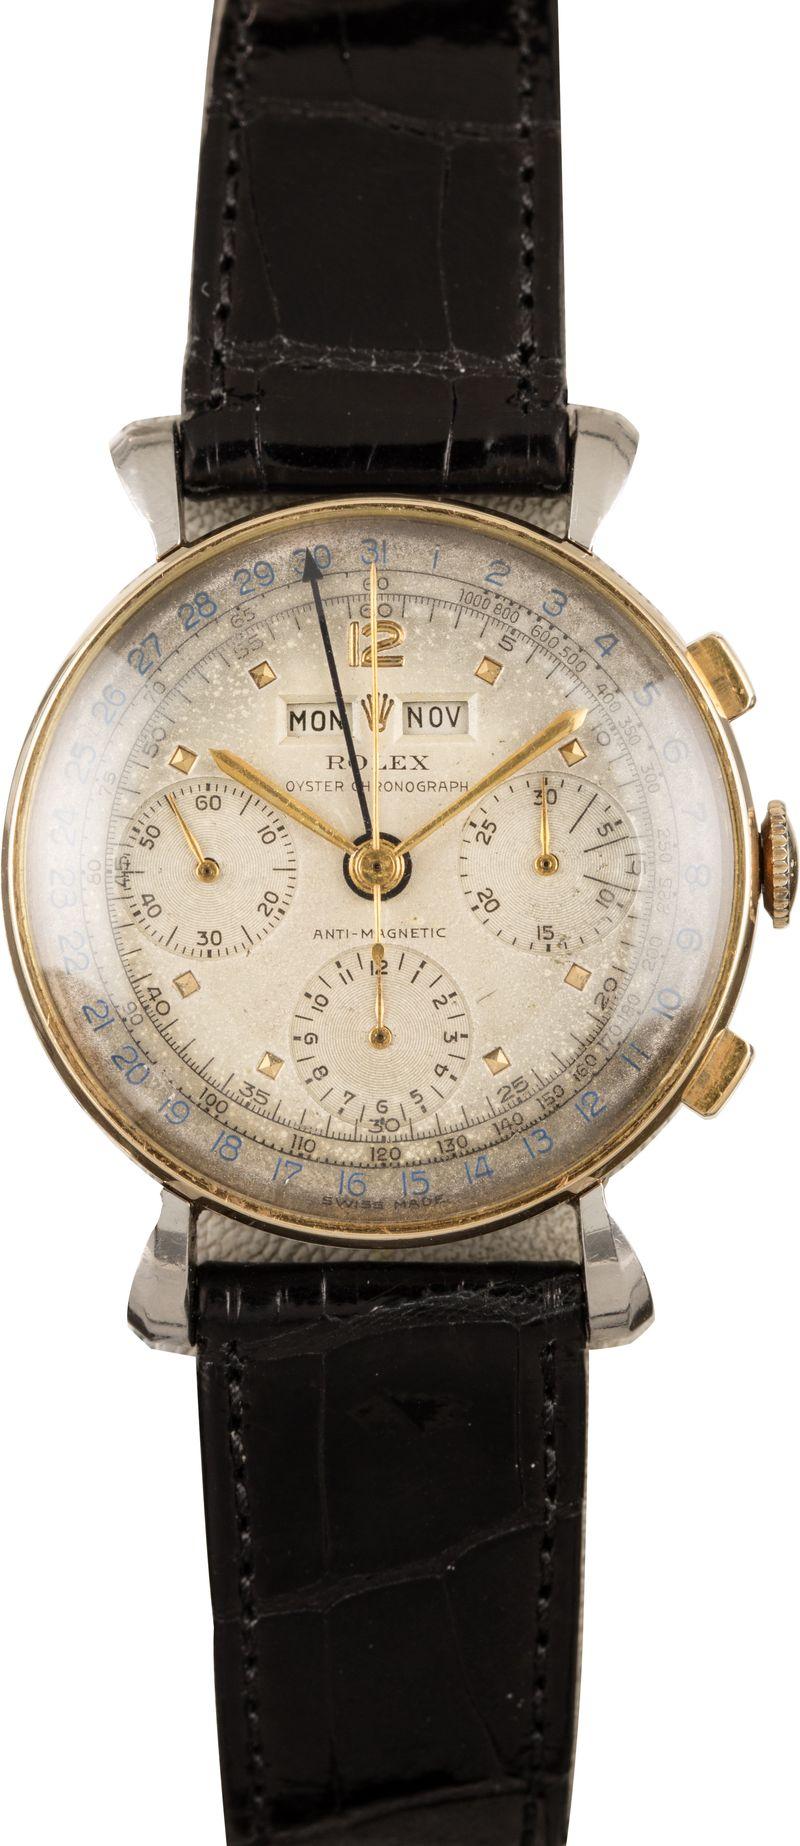 Vintage Rolex Fresh Finds Auction Triple Calendar Chronograph 4768